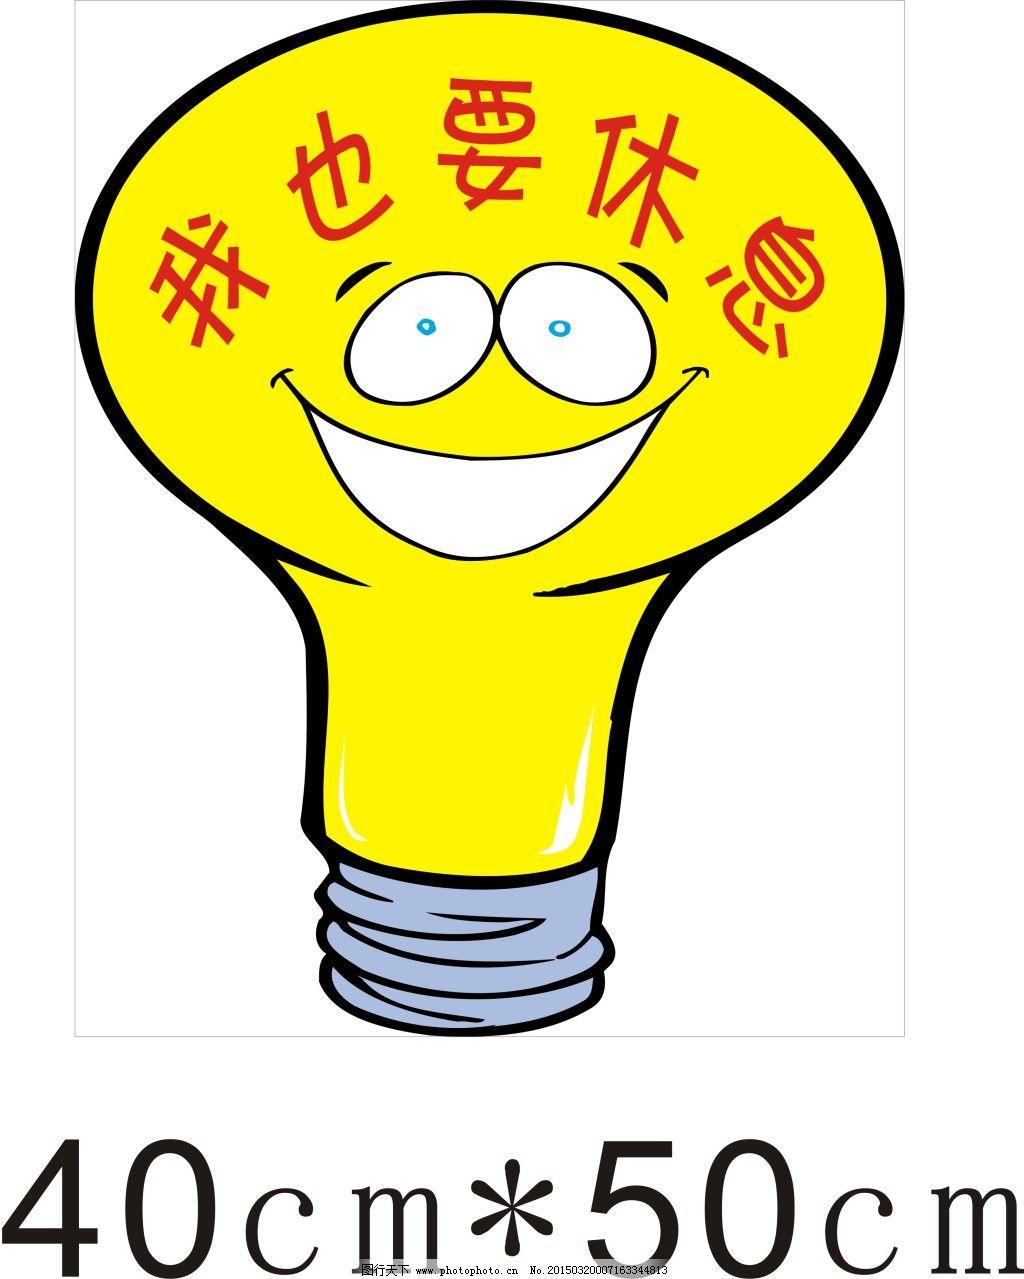 灯泡海报 灵感 小学生海报 雨伞 小学生海报 雨伞 创意海报 灯泡 灵感